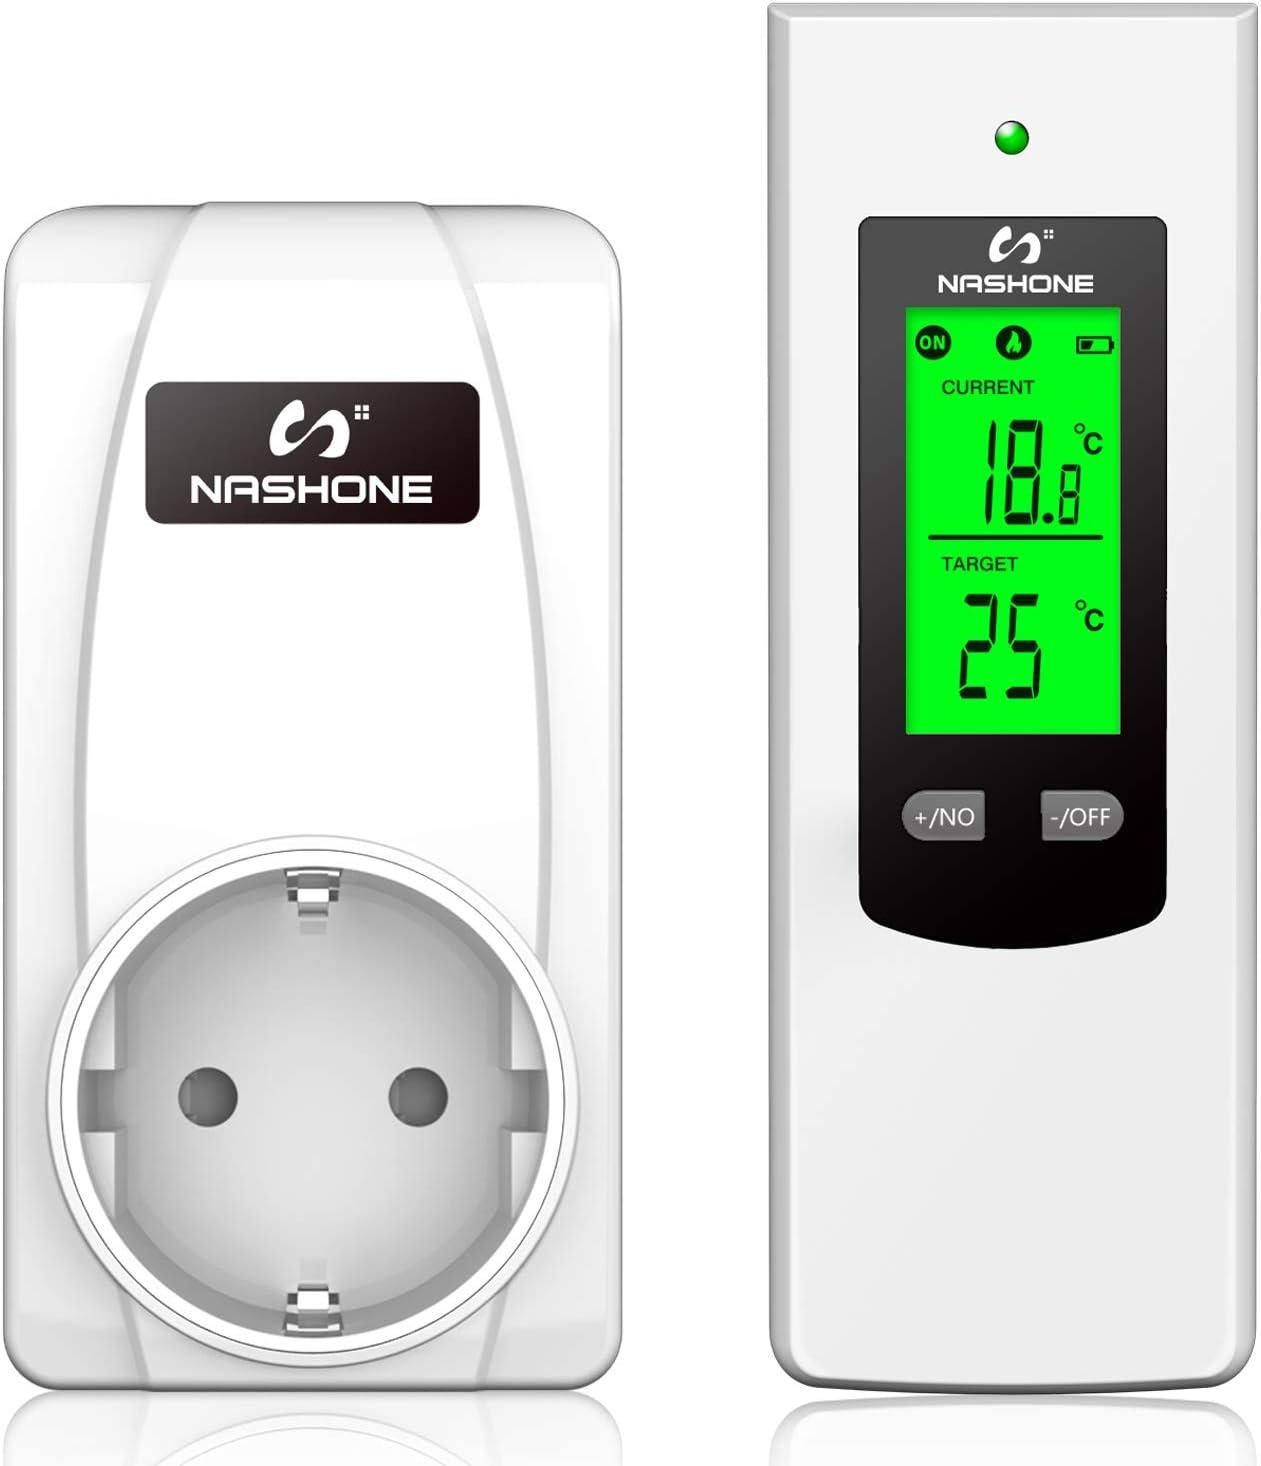 NASHONE Termostato Inalámbrico Digital Enchufe Control de Temperatura, Control Remoto con Sensor de Temperatura Integrado, Termostato Perfecto para Aplicaciones de Calefacción y Refrigeración. 3680W